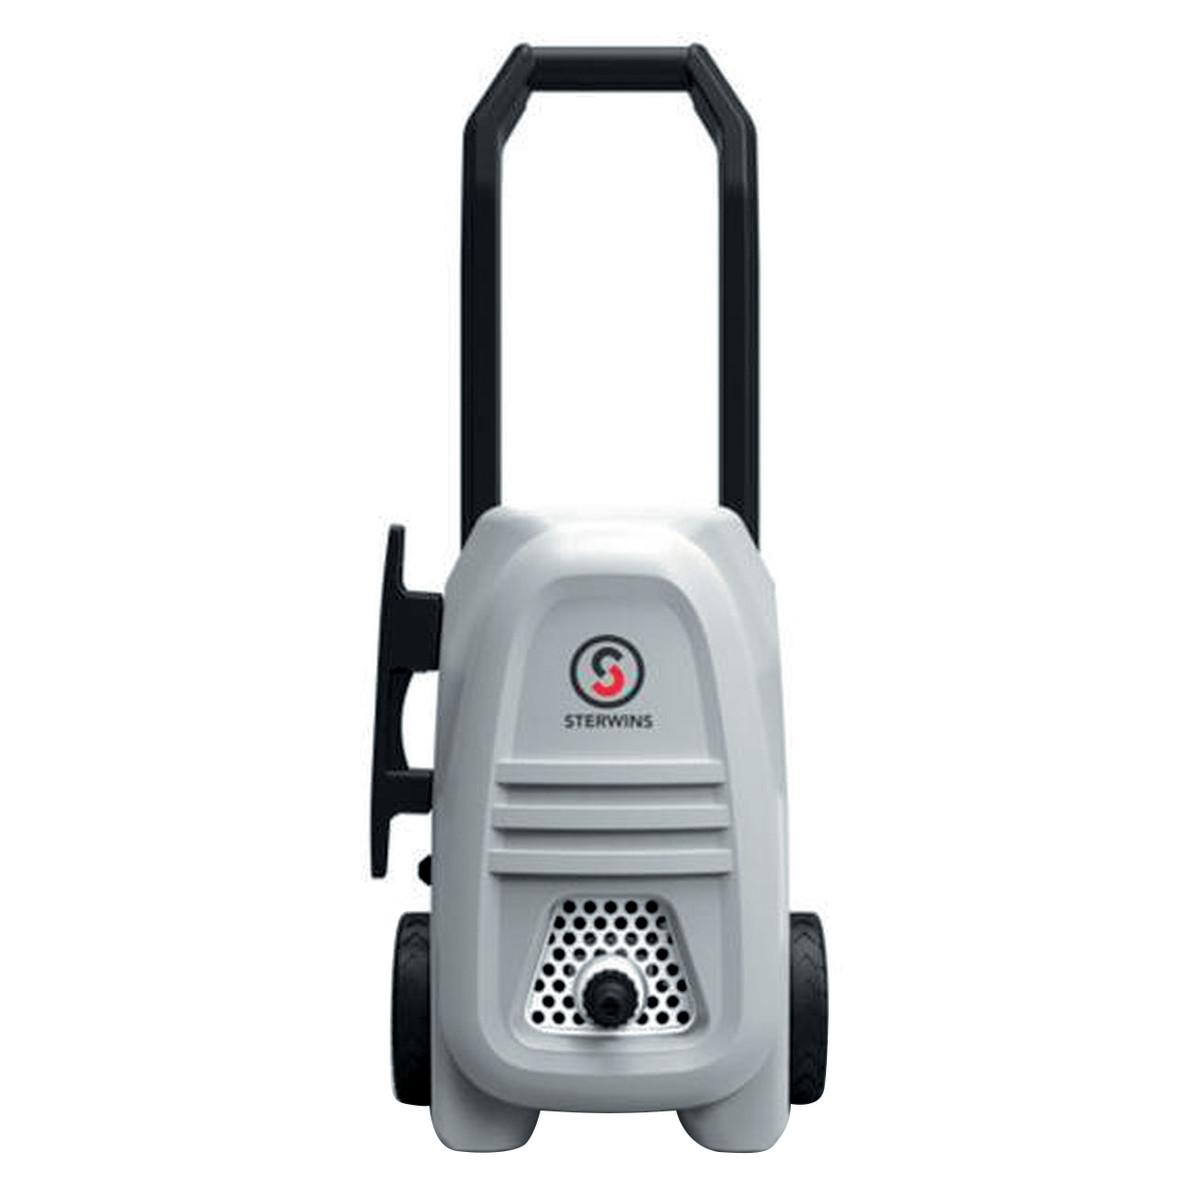 idropulitrice pw 1600 sl black prezzo e offerte sottocosto